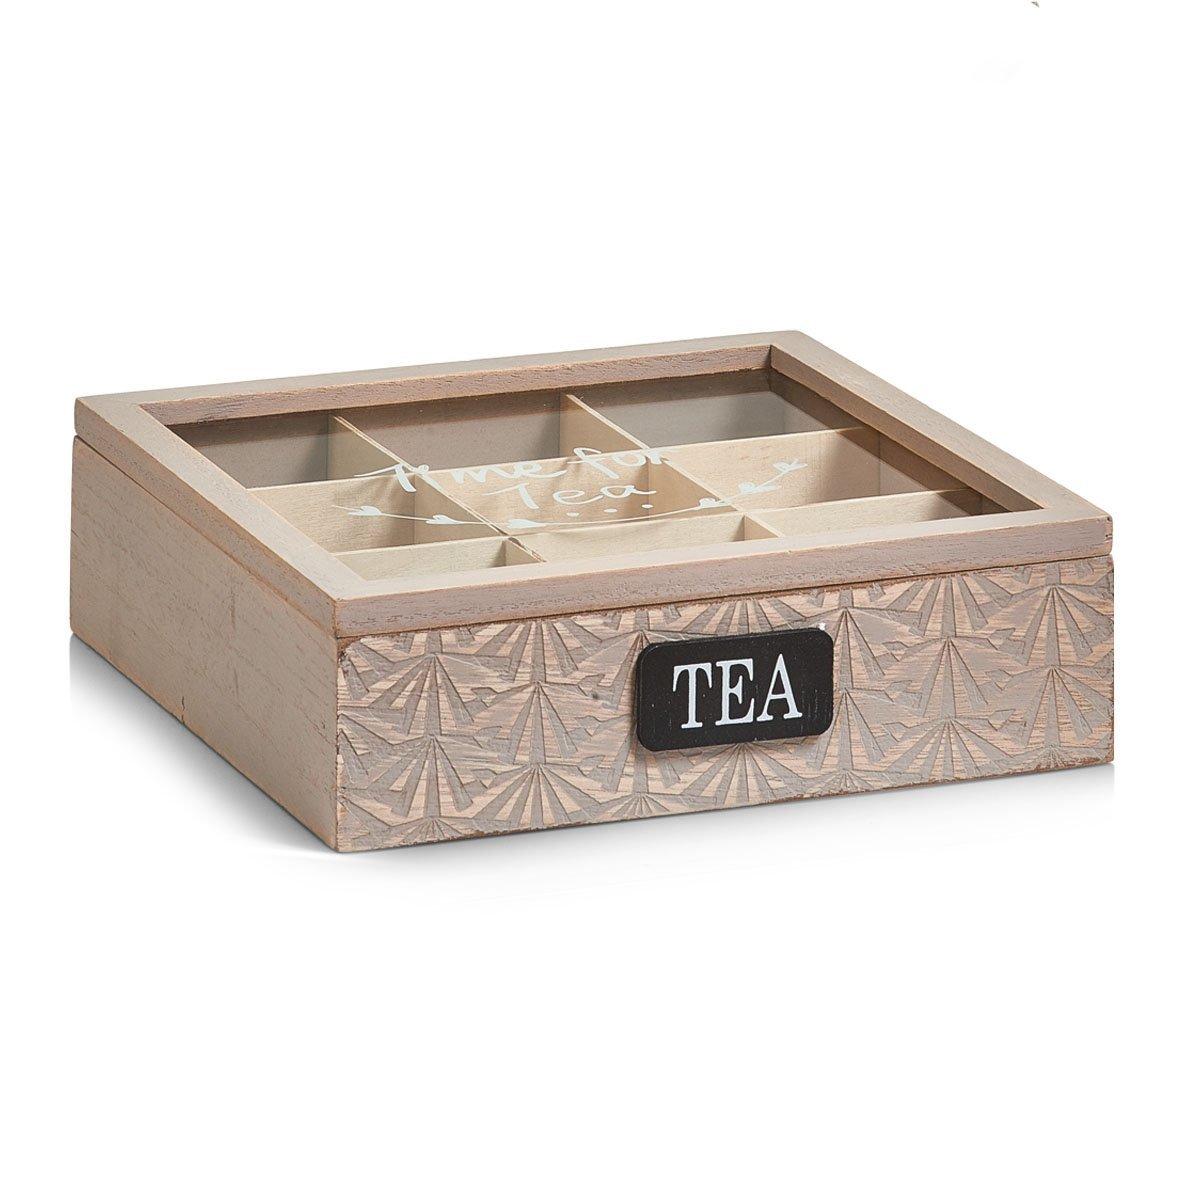 Zeller 15115 Contenitore per Bustine di tè, Legno, Beige, 24x24x7 cm